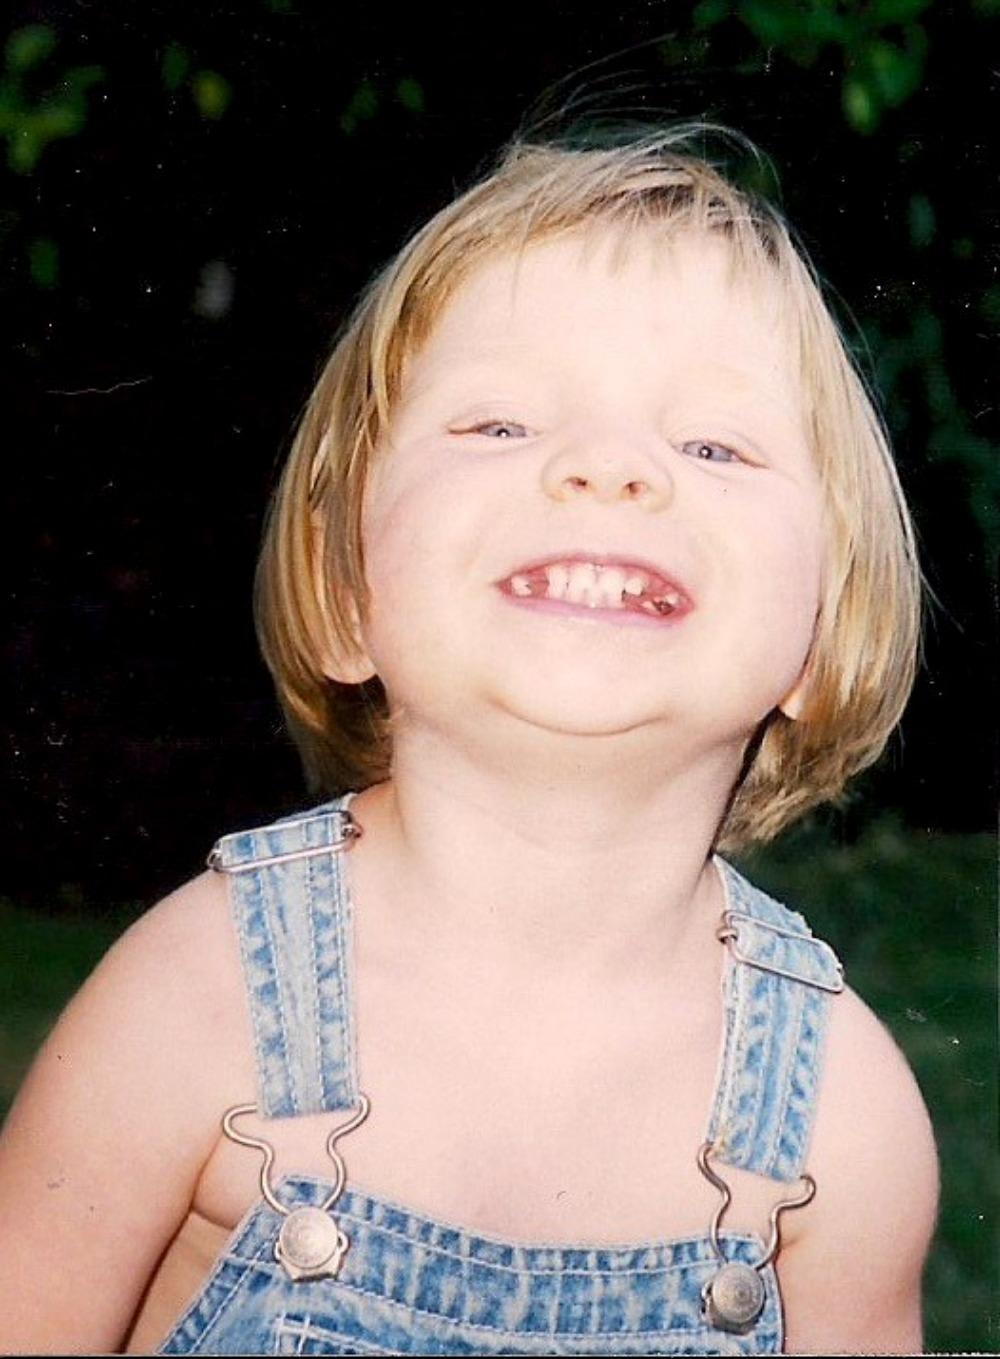 My millennial daughter Lauren